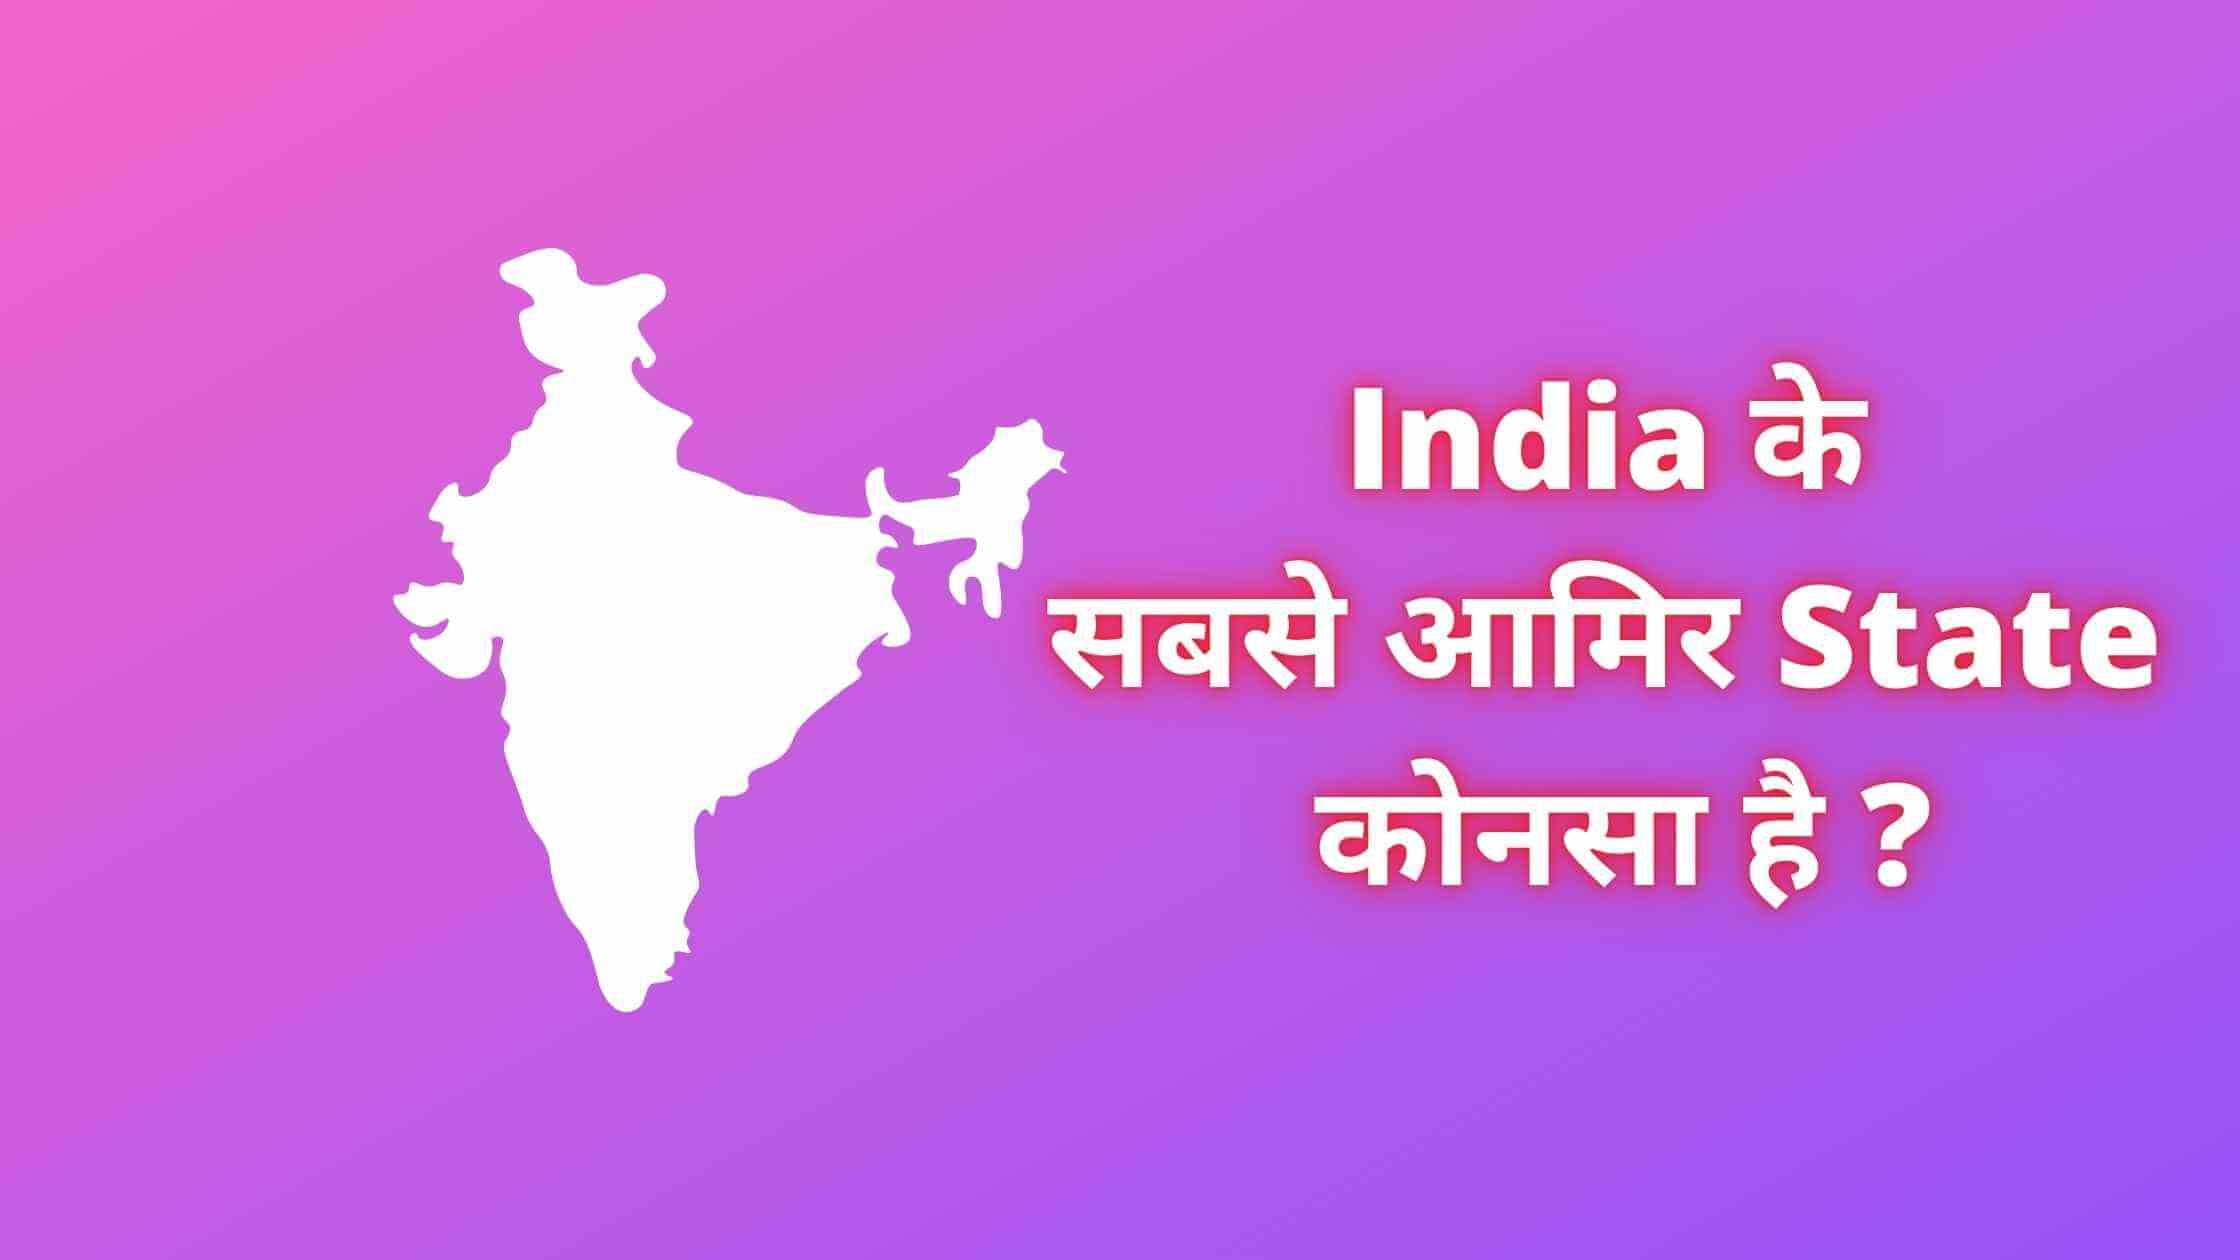 India के सबसे आमिर स्टेट कोनसा है जानिए हिंदी में GDP के साथ